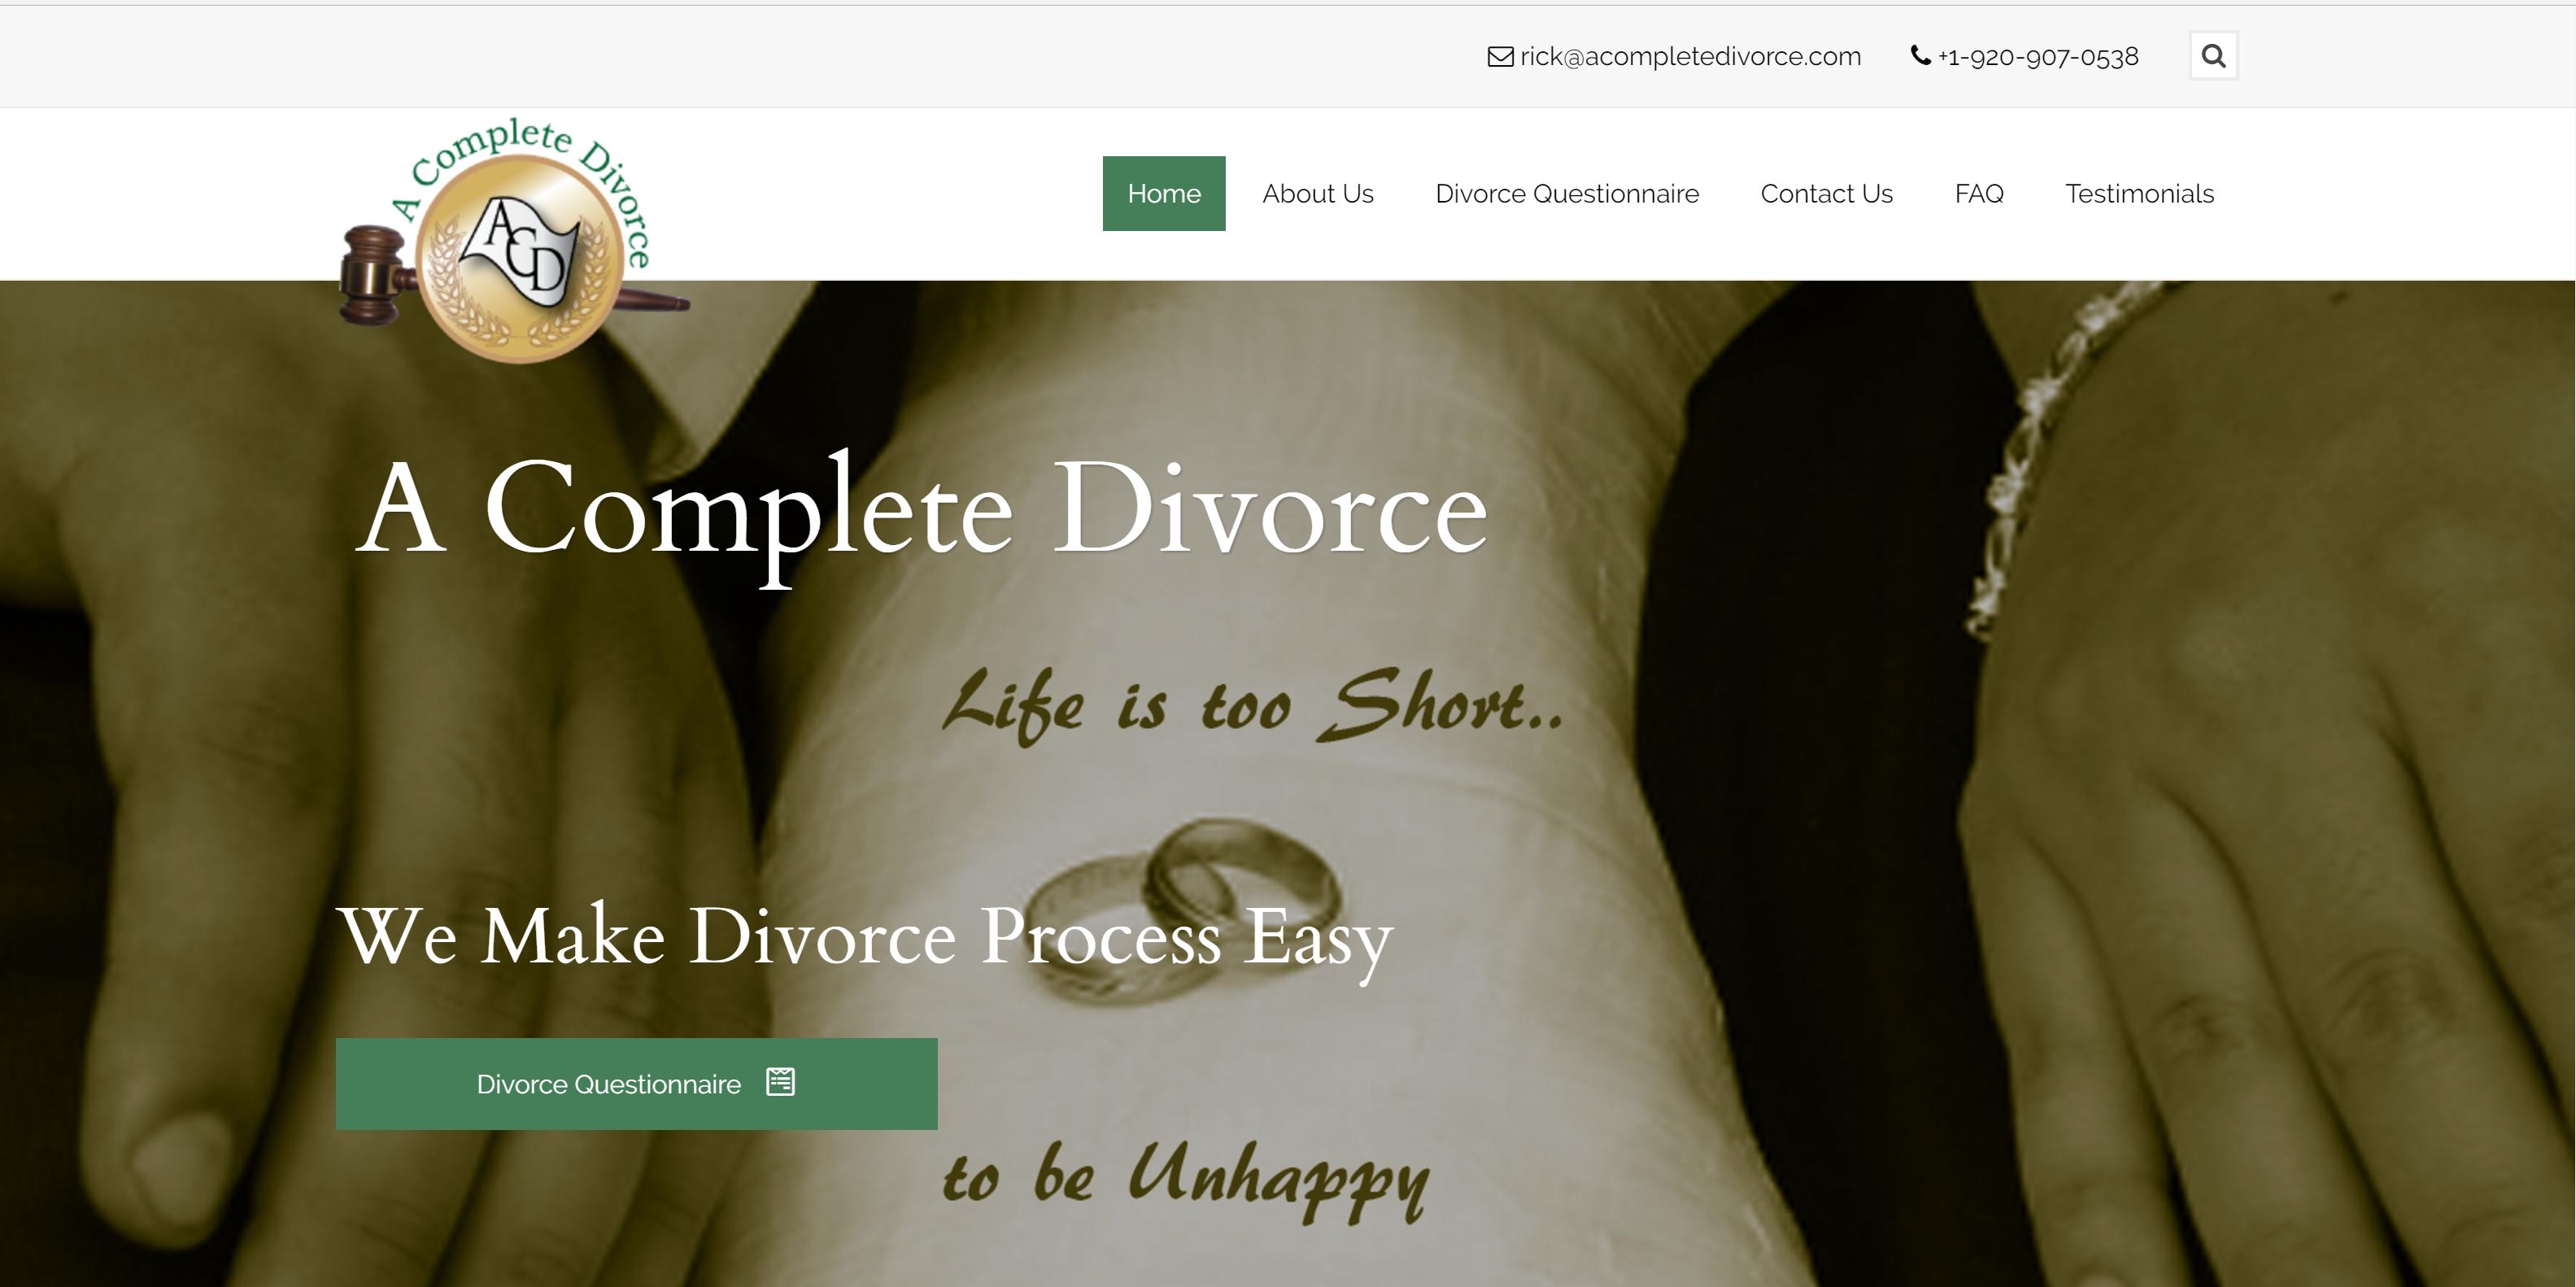 acompletedivorce website